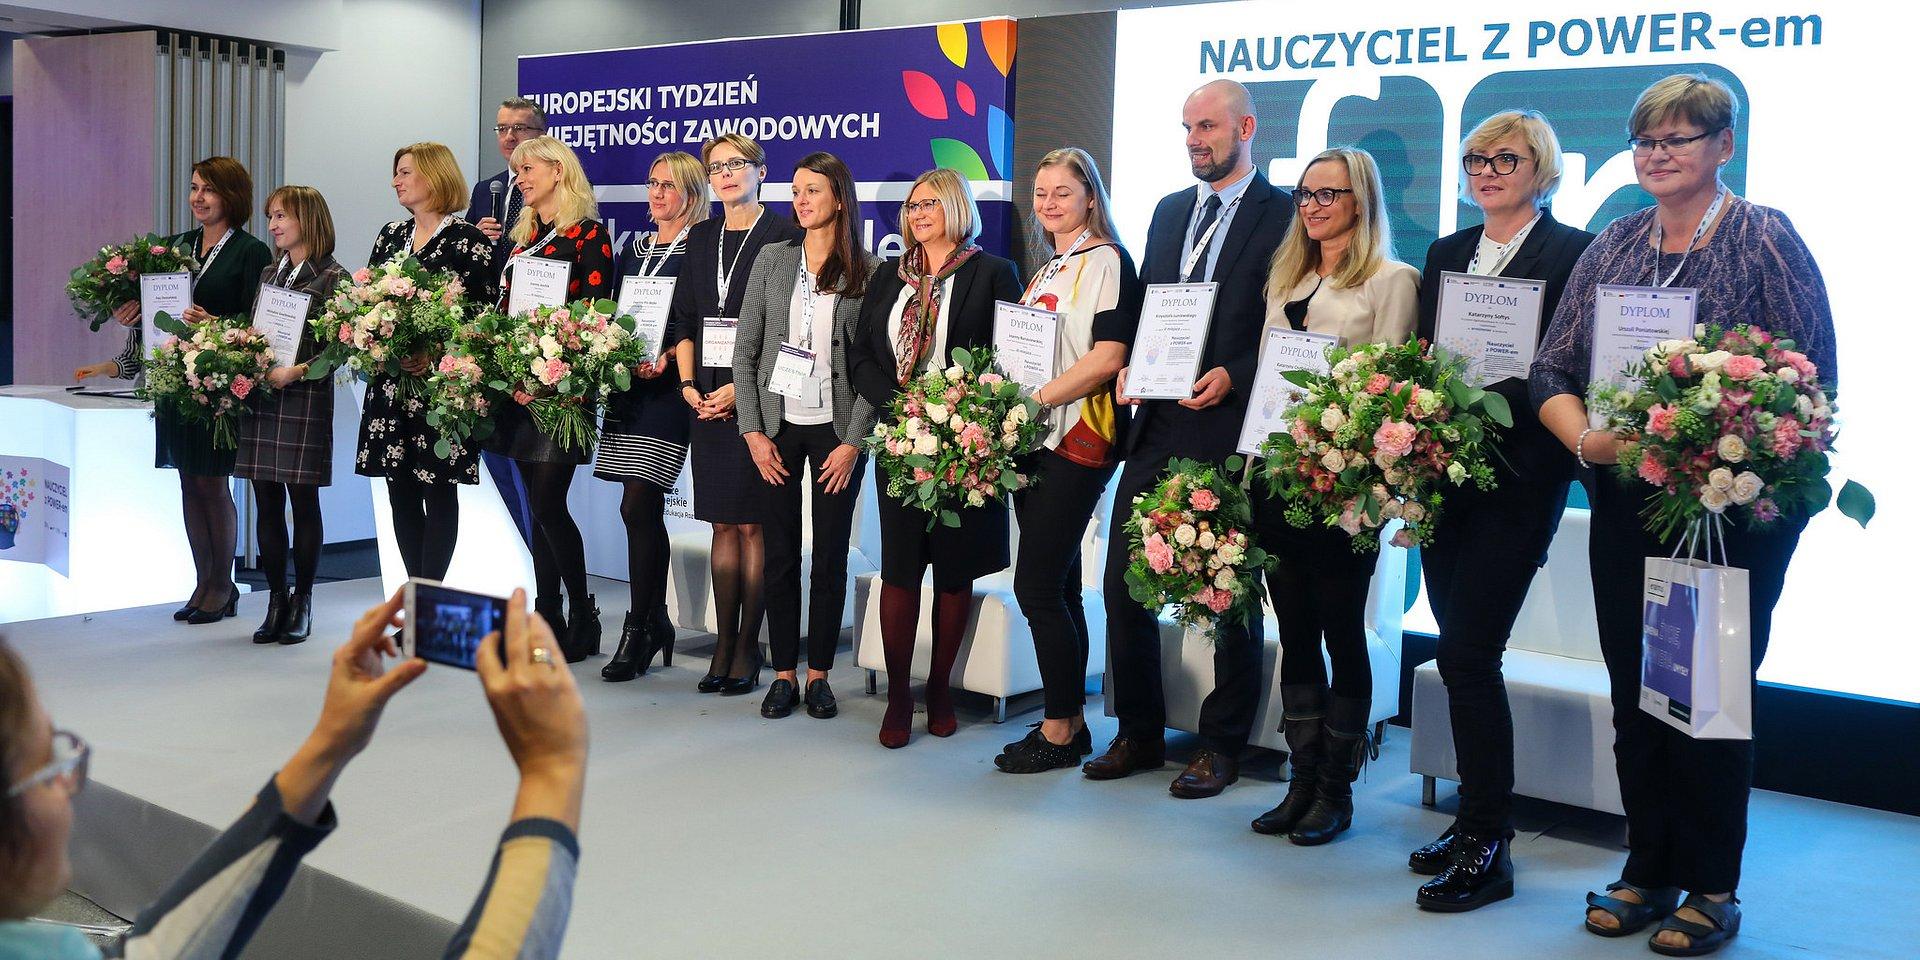 Inauguracja Europejskiego Tygodnia Umiejętności Zawodowych - podsumowanie